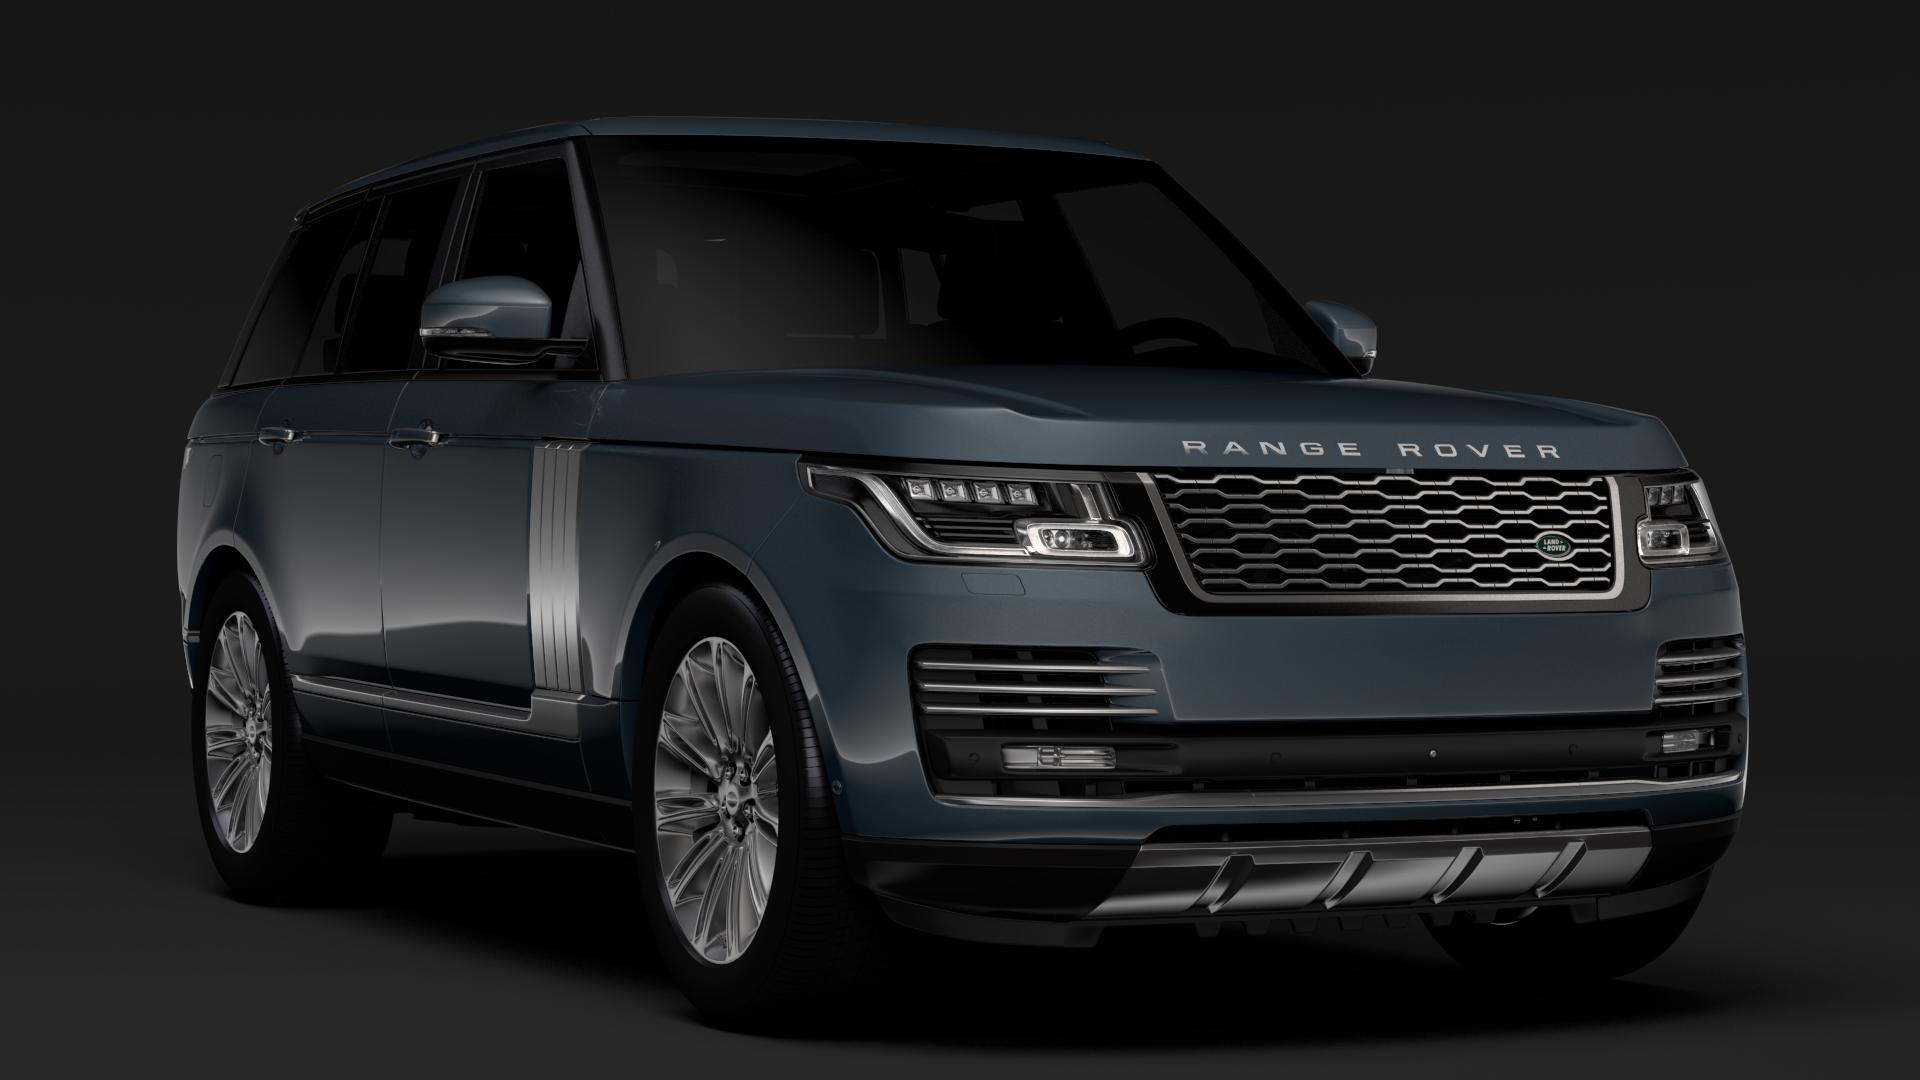 range rover autobiography (l405) 2018 3d model max fbx c4d lwo ma mb hrc xsi obj 278049